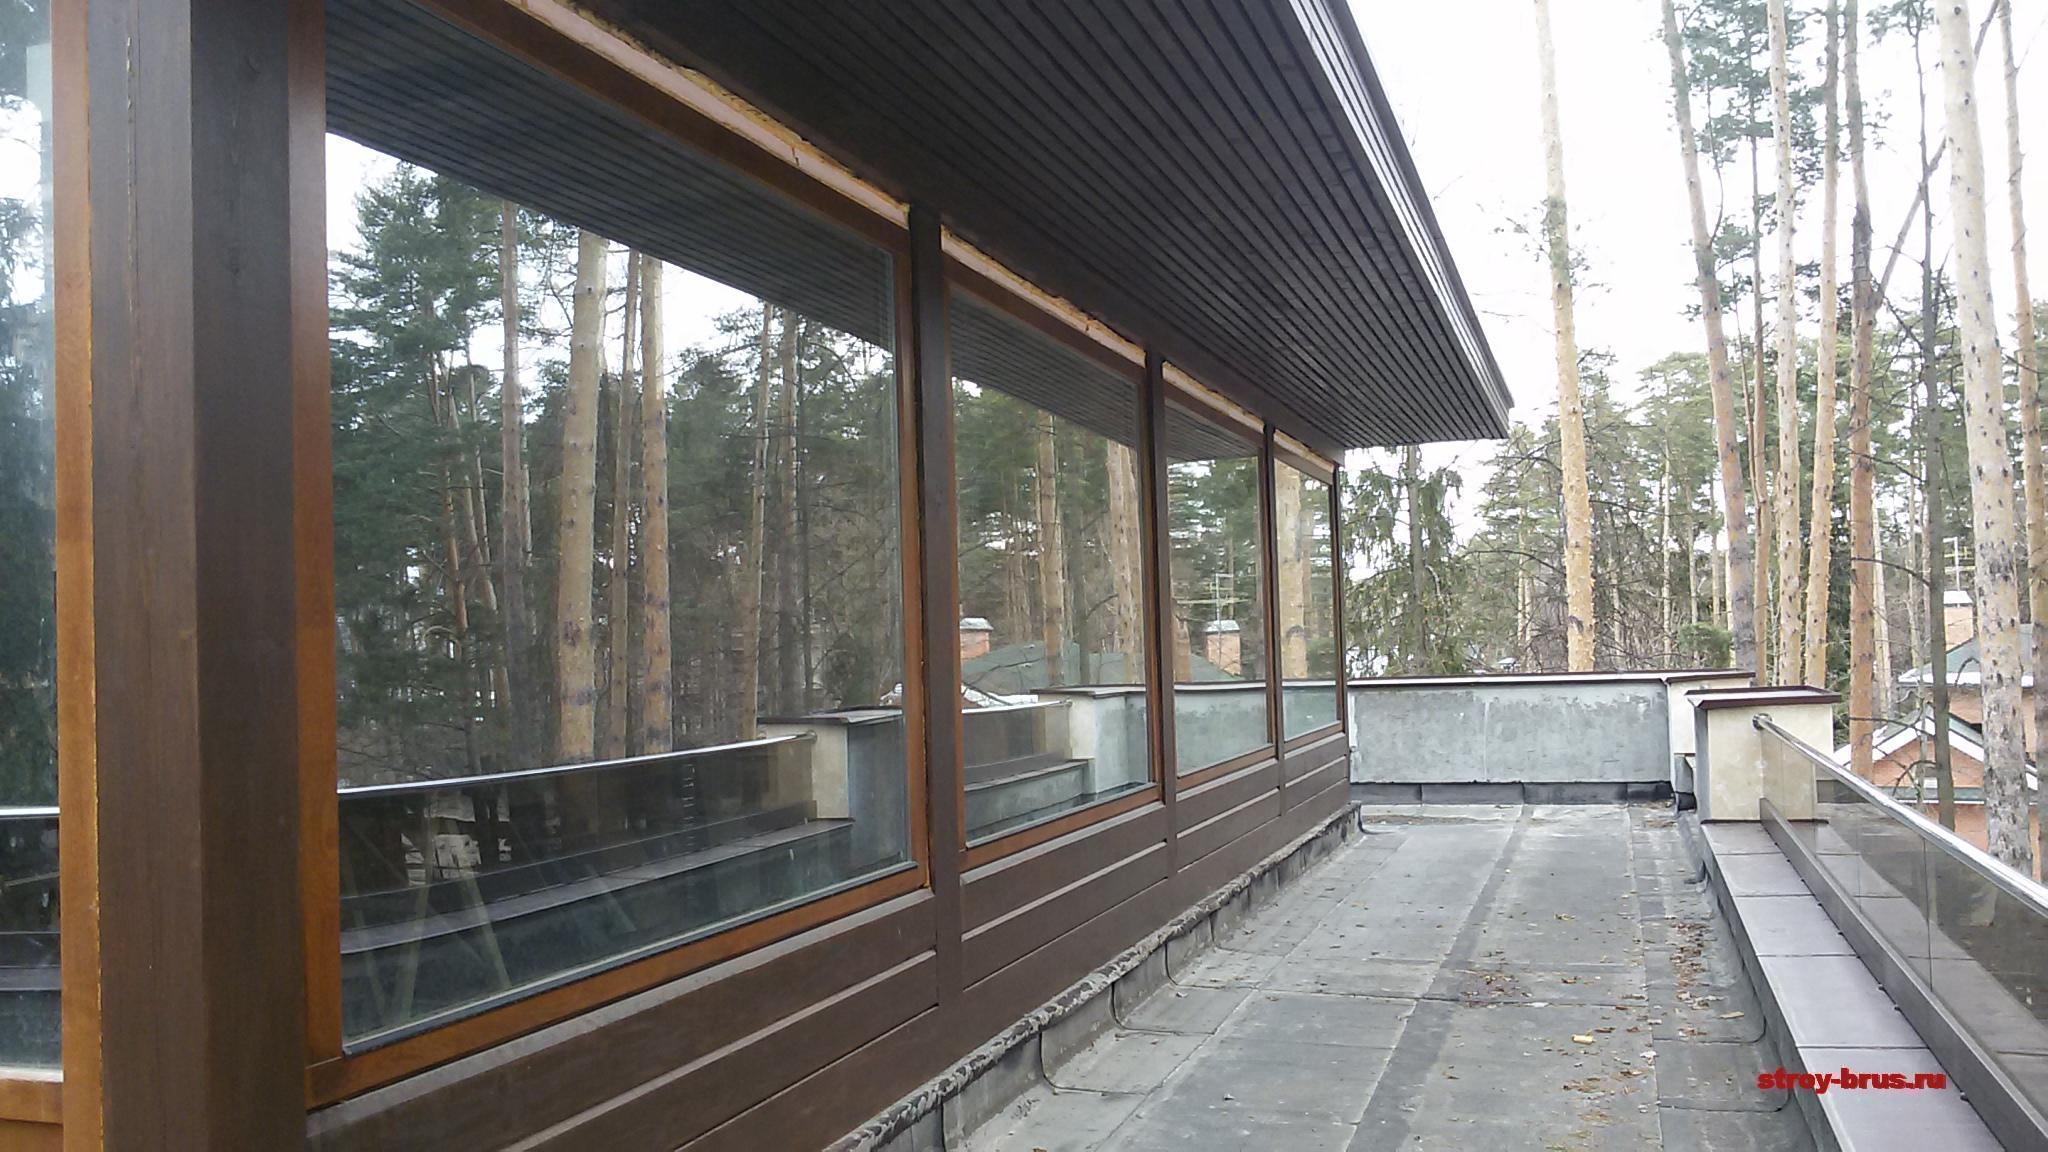 Экологичный этаж из кедра